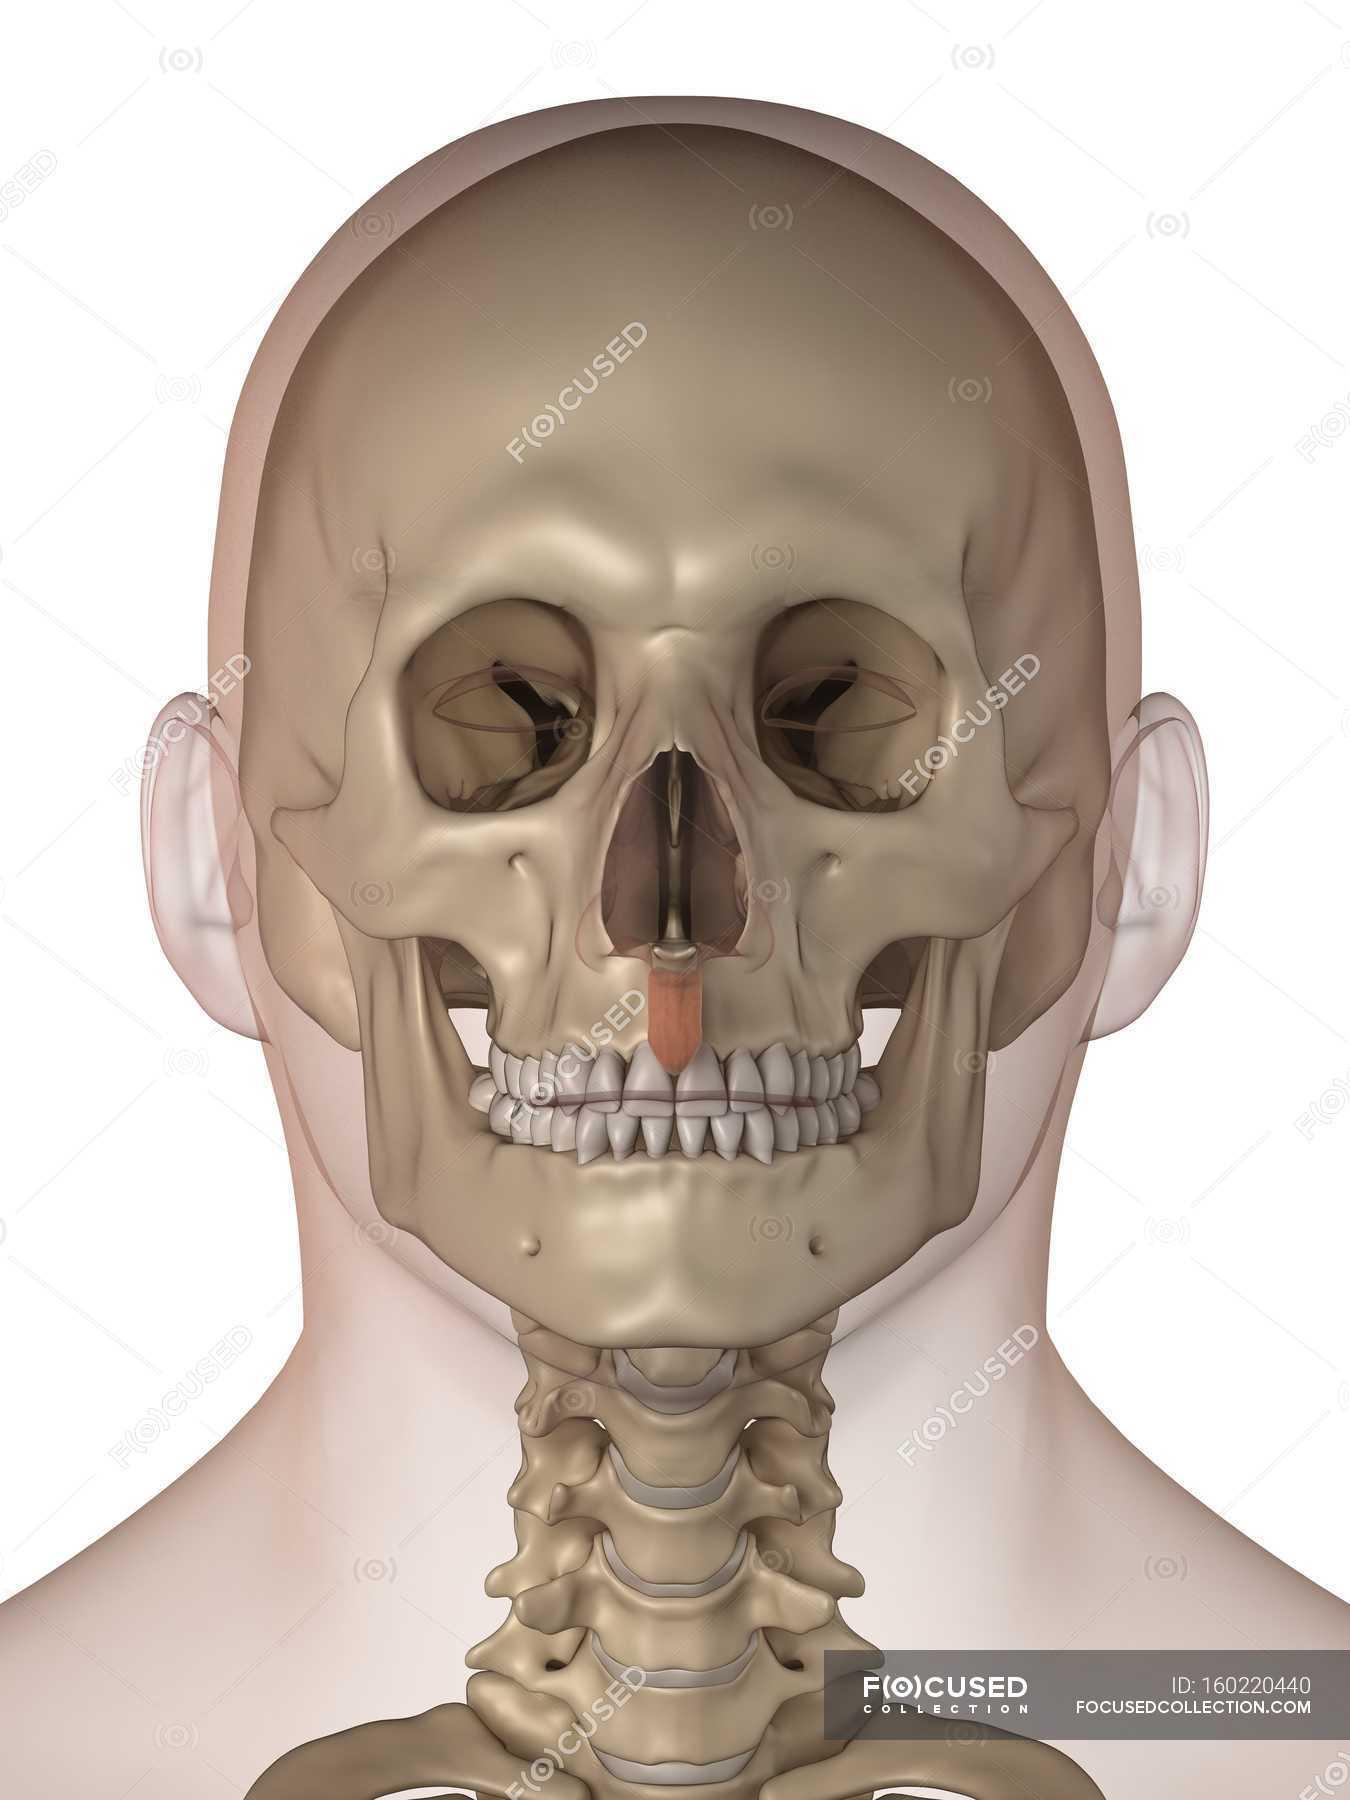 Gesichts-Knochen und Zähne — Stockfoto | #160220440